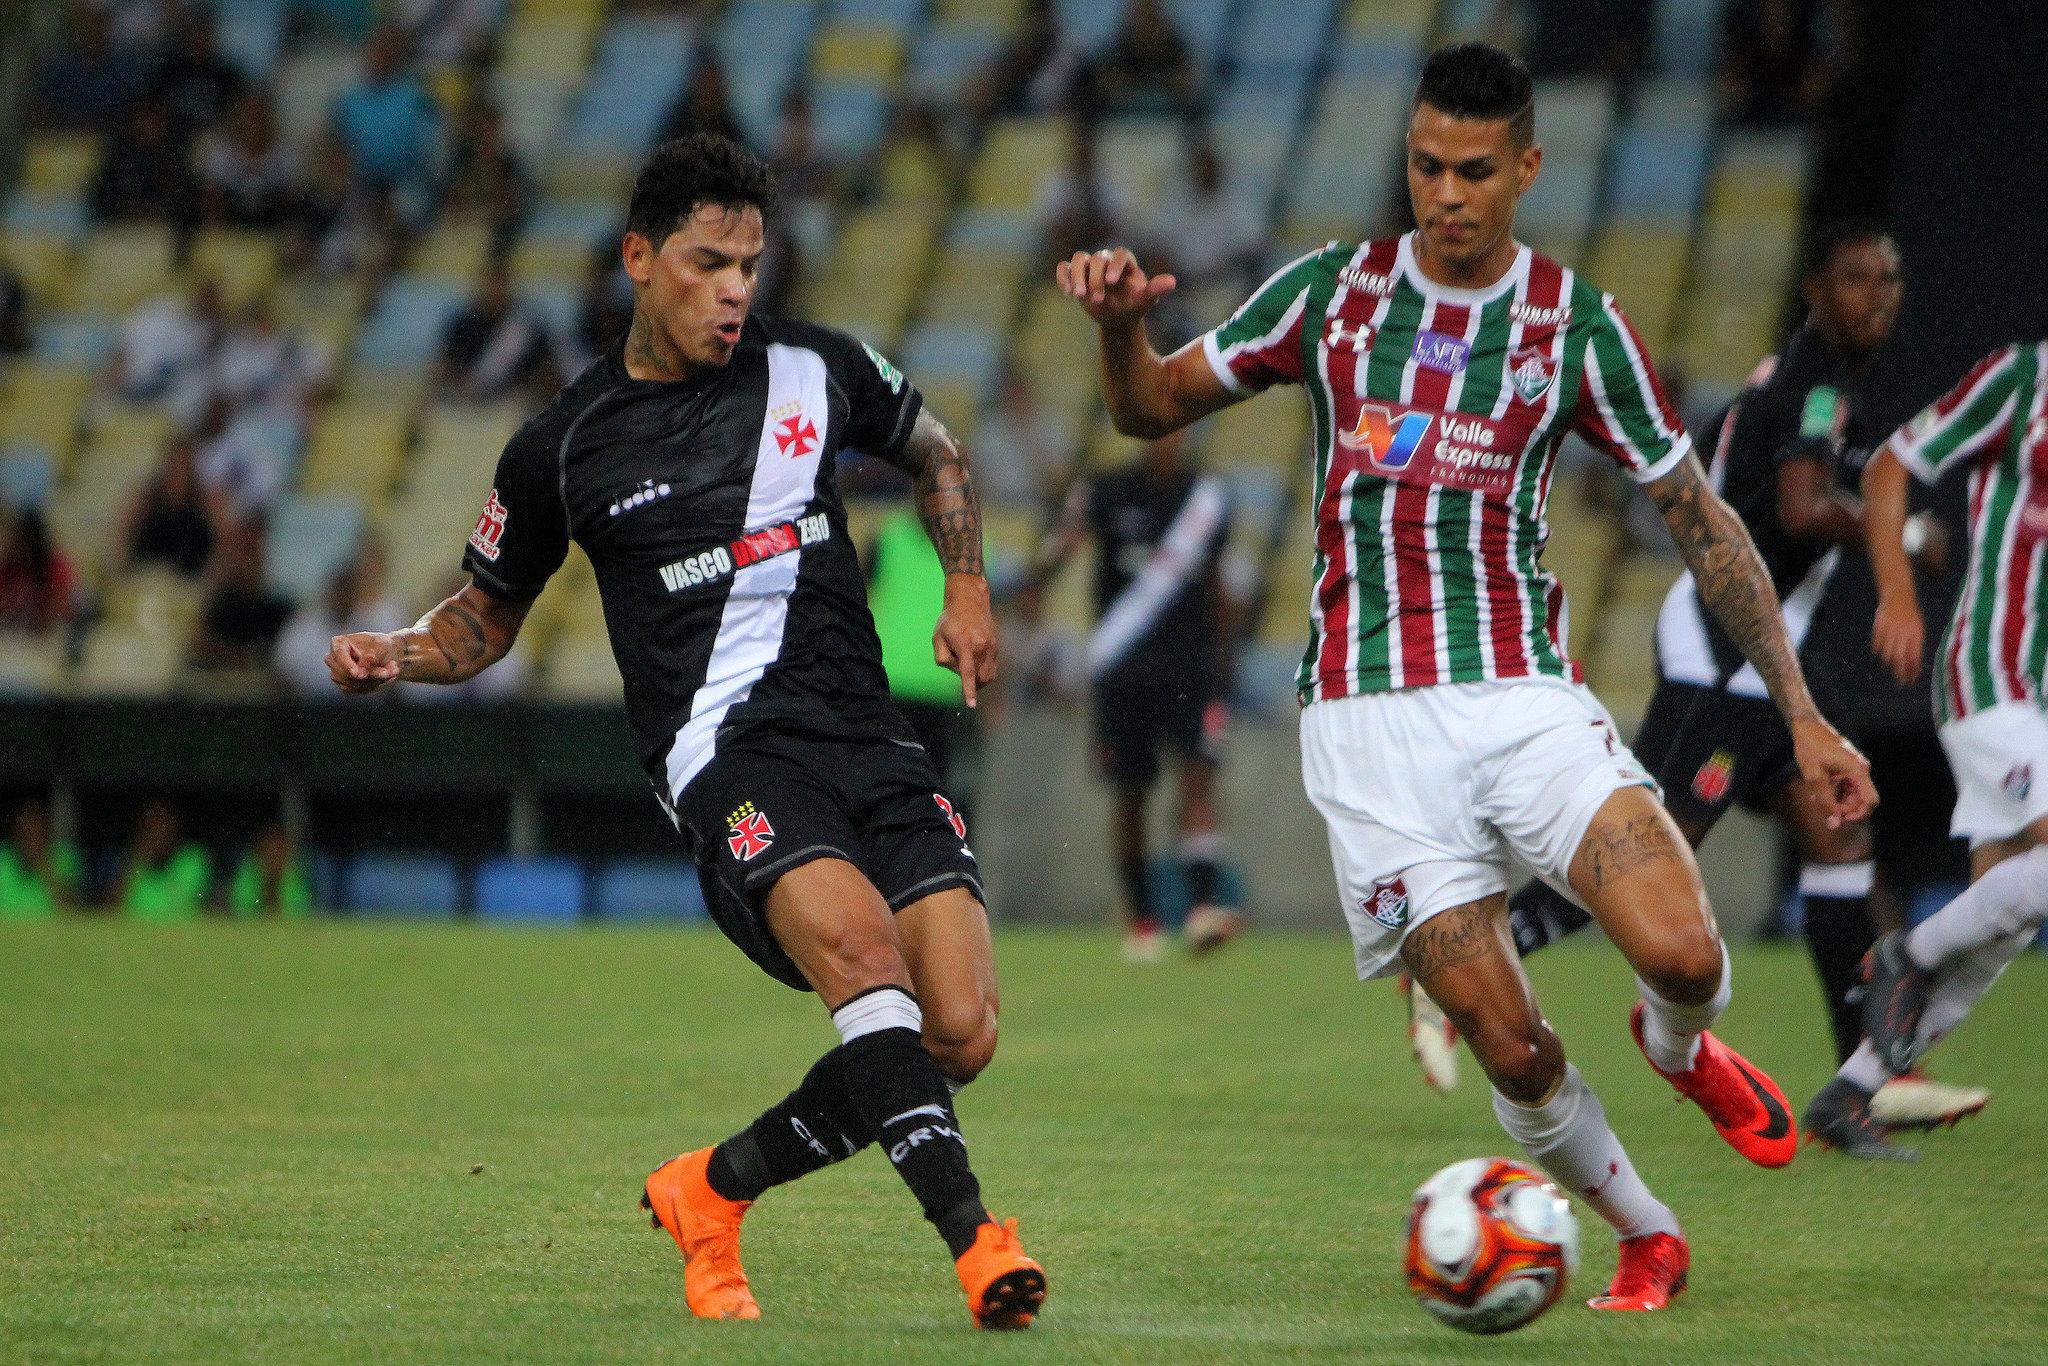 Com histórico de gols e assistências diante do Fluminense, Giovanni Augusto quer manter o retrospecto para ajudar o Vasco no retorno do Brasileirão